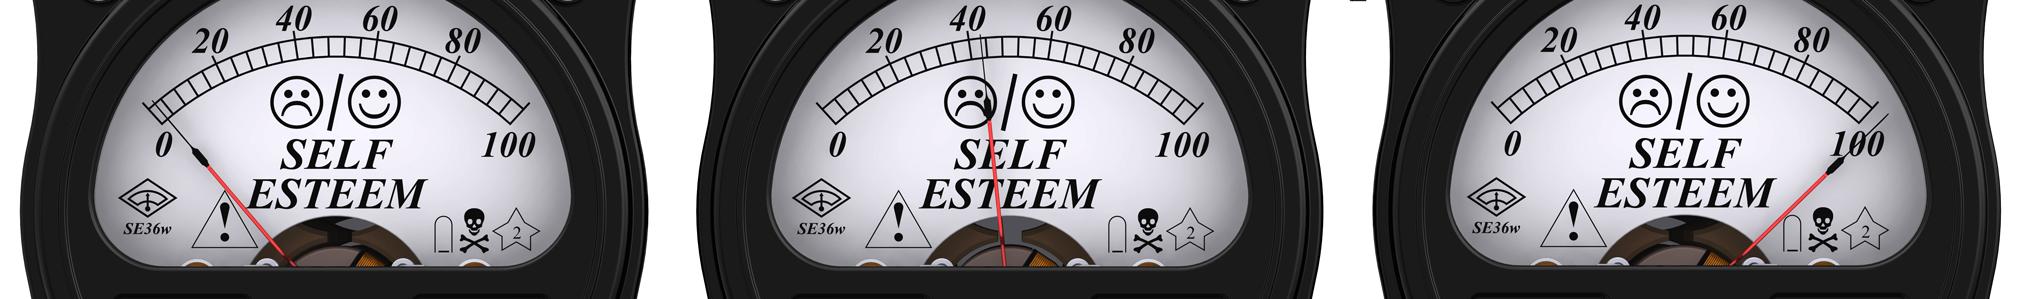 Self-Esteem-2024-0519